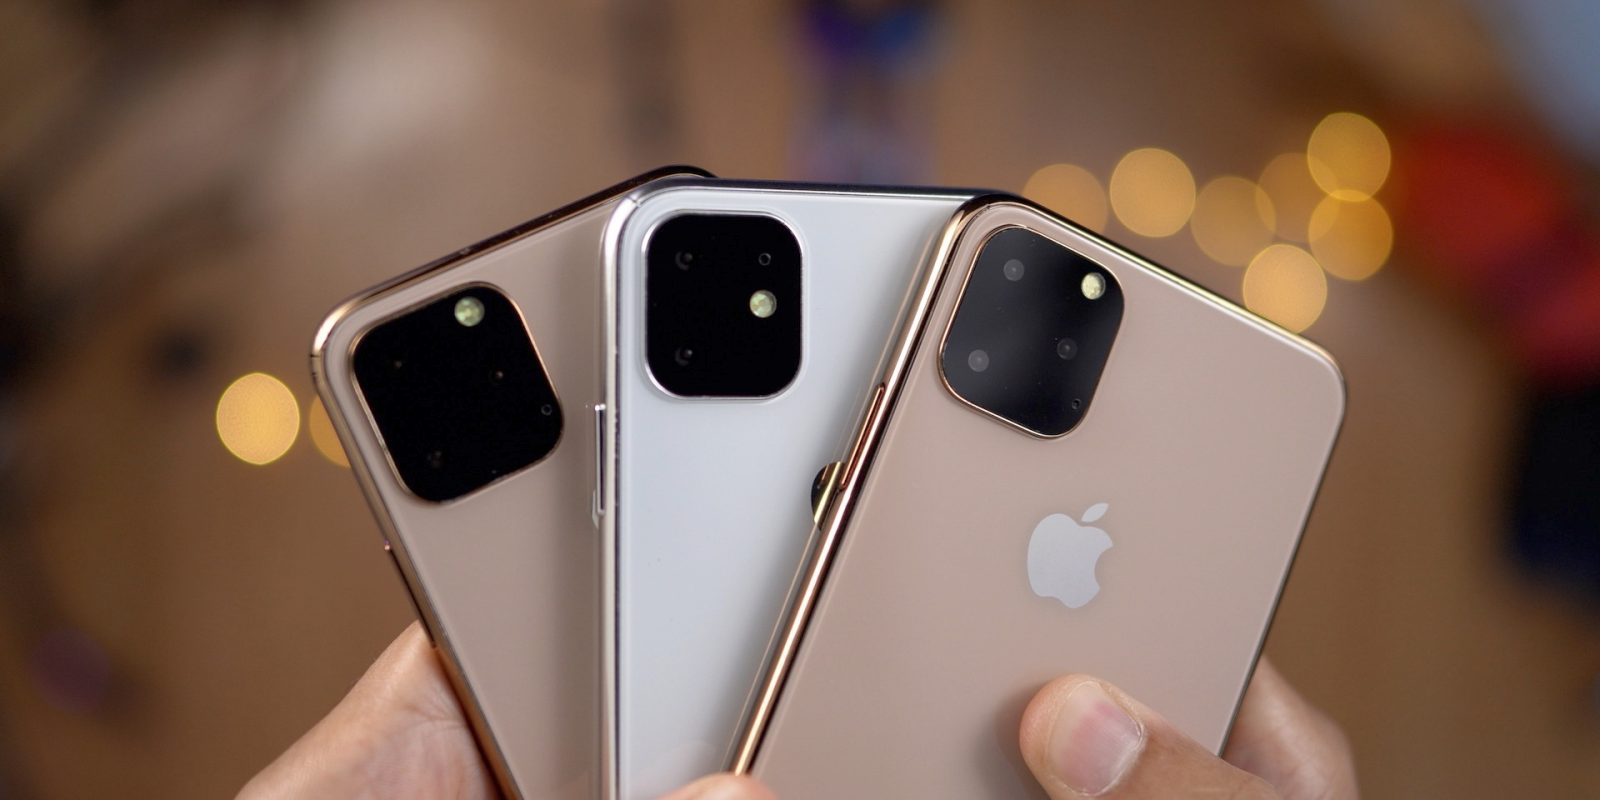 Remplaçant de XS XS Max et XR, iPhone 11 sera également décliné en 3 modèles